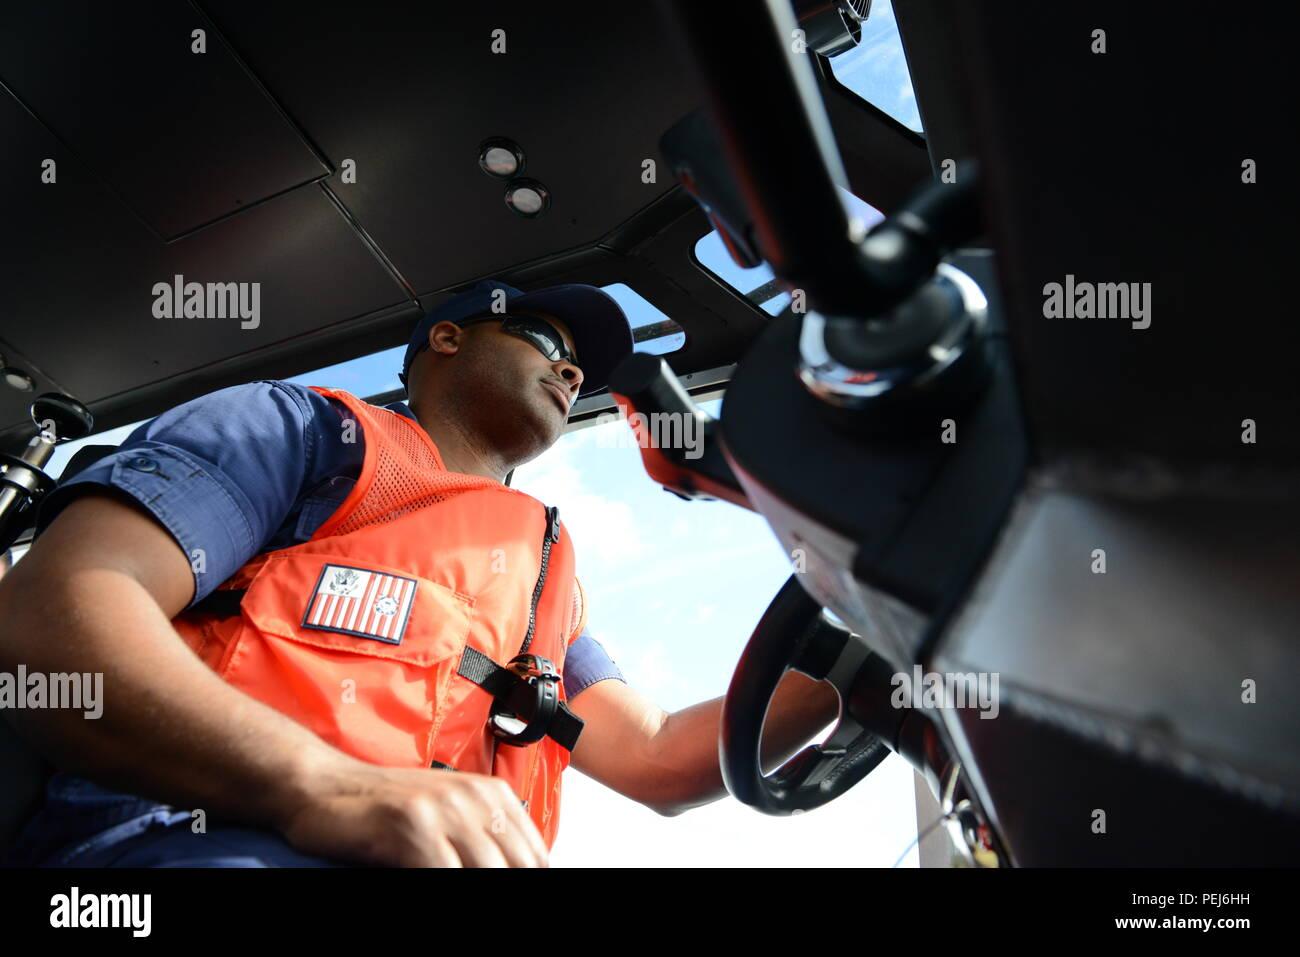 Petty Officer di terza classe Lowell Belany, una riserva di boatswain mate fuori della stazione della Guardia Costiera Vallejo, California, prende il timone durante la navigazione i punti sulla linea di rotta lungo il fiume Columbia durante la riserva nocchiero College di Portland, Ore., 28 agosto 2015. Gli studenti che frequentano il collegio erano tenuti a plot e navigare verso waypoint utilizzando diversi sulla terra dei punti di riferimento lungo il fiume Columbia. (U.S. Coast Guard foto di Sottufficiali di terza classe Jonathan Klingenberg) Immagini Stock